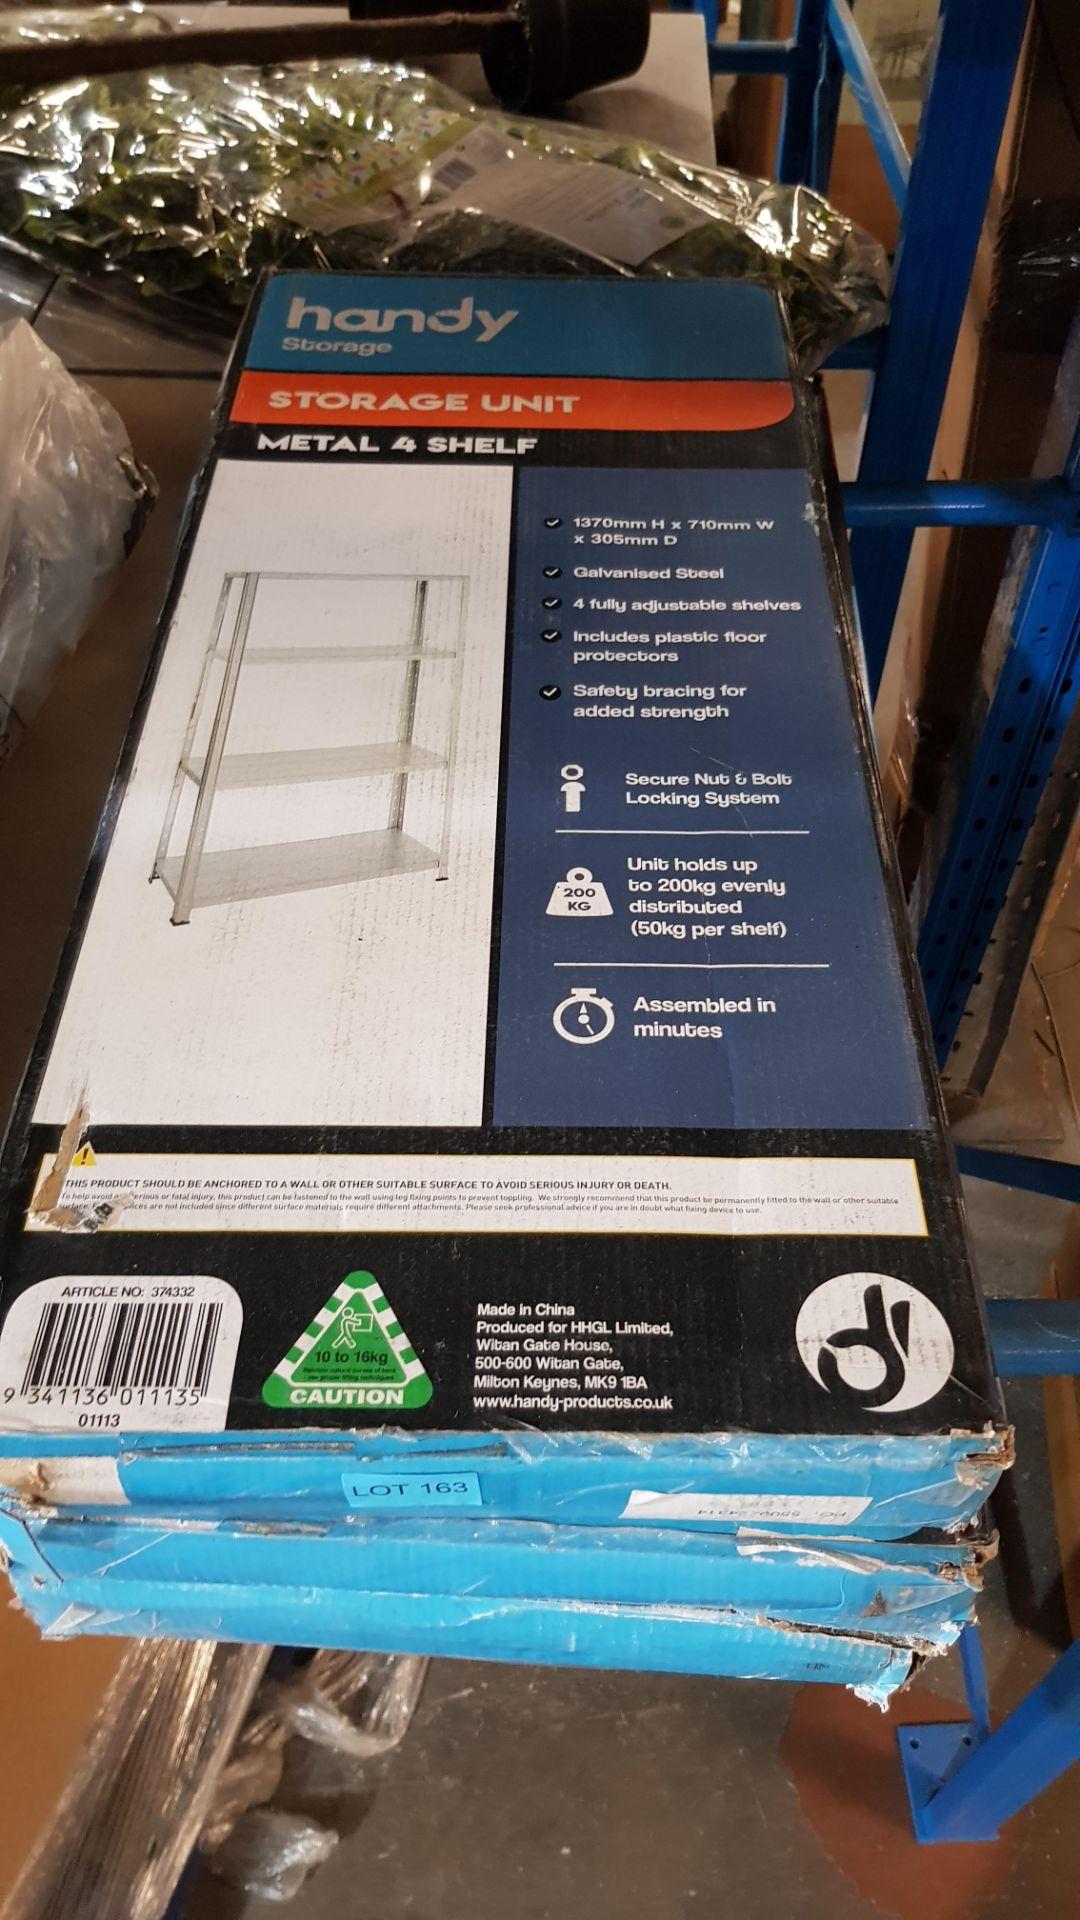 (3A) 3x Handy Storage Storage Unit Metal 4 Shelf (H1370x W710x D305mm) - Image 3 of 3